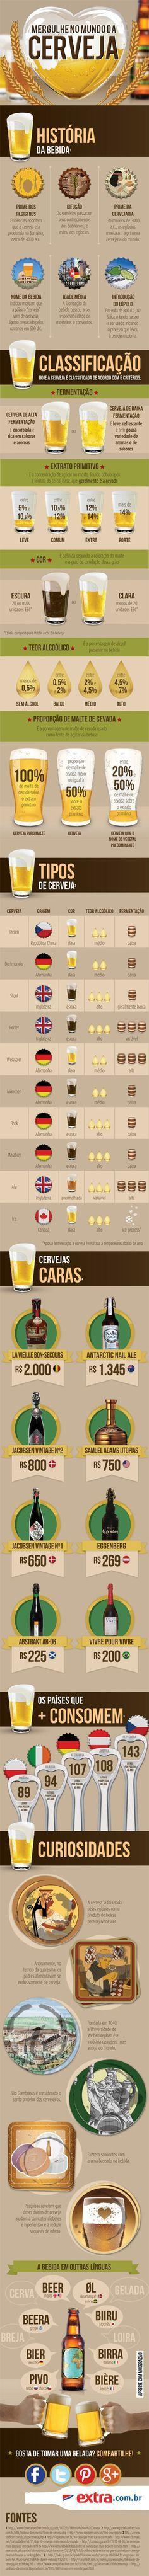 infográfico da cerveja